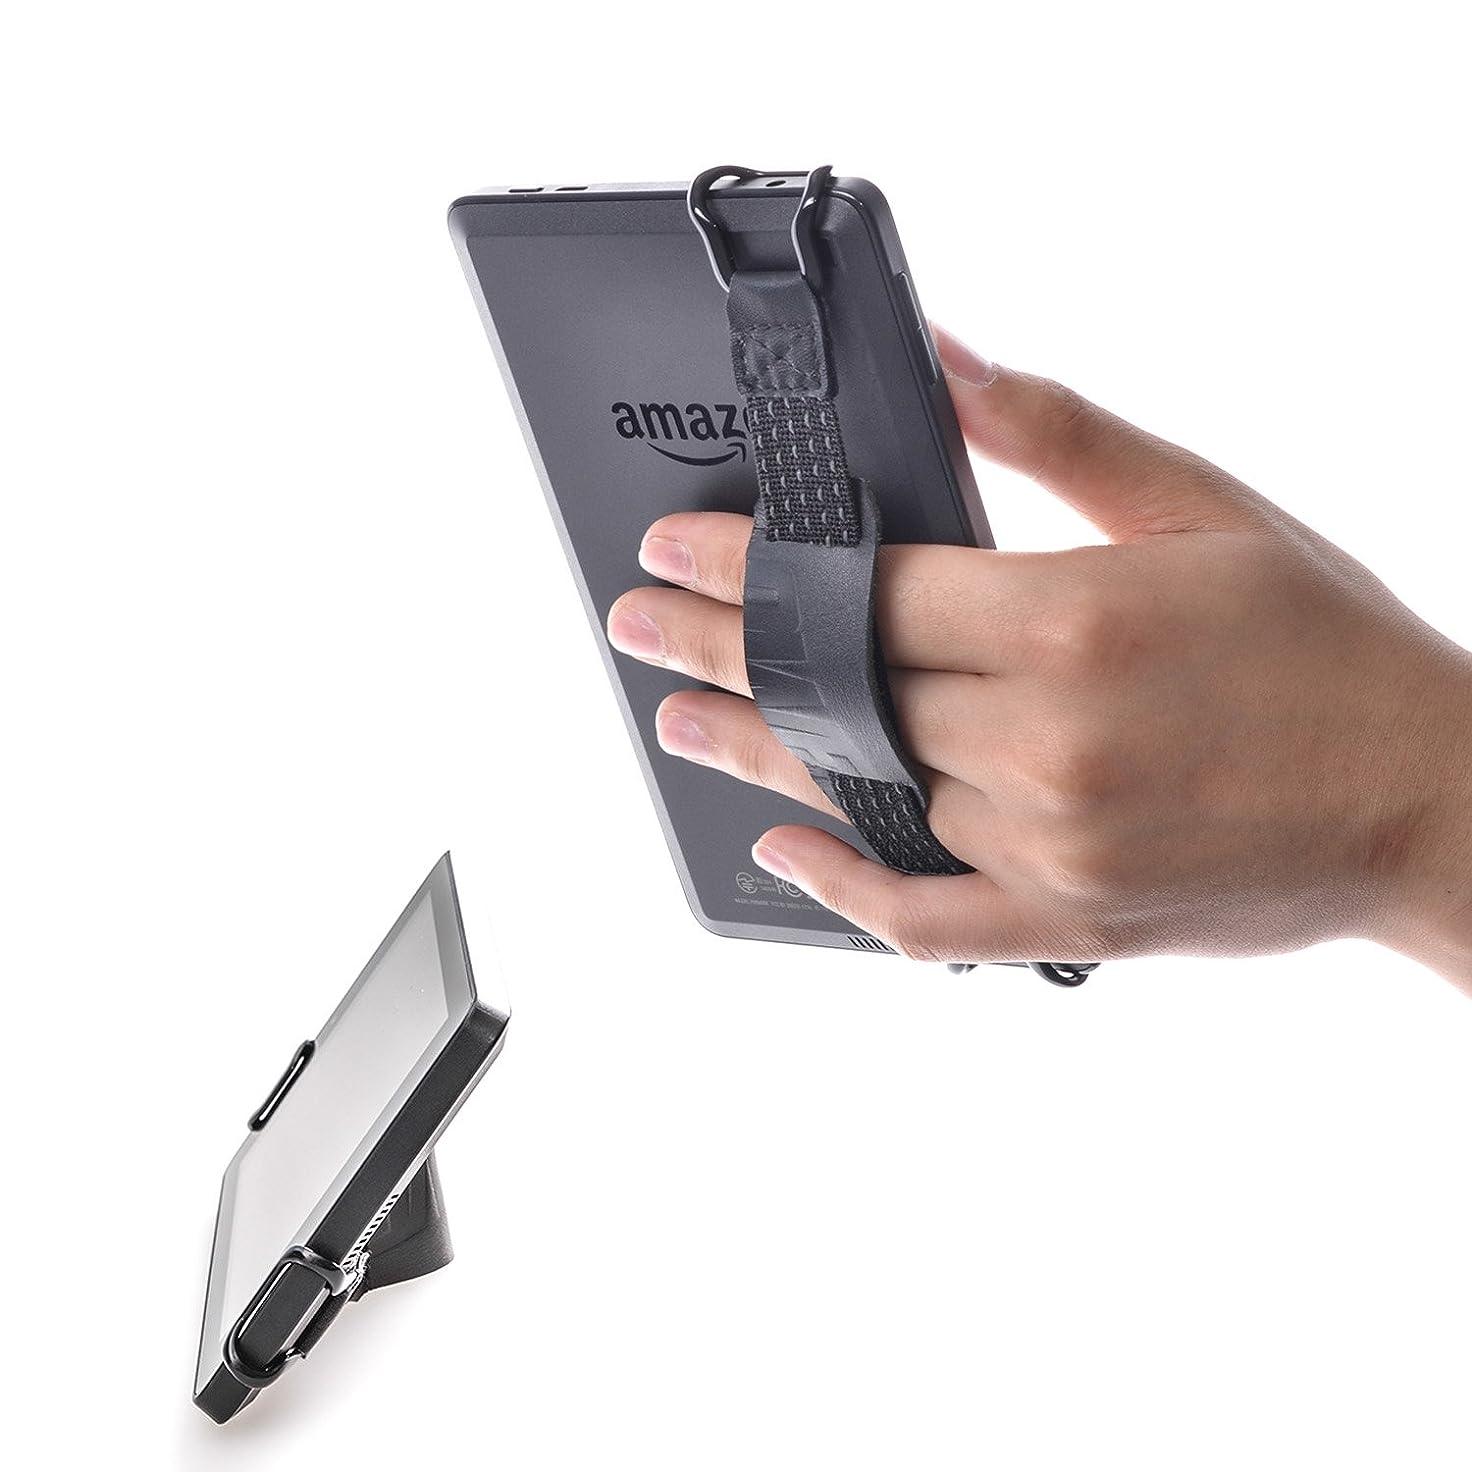 読書段階便宜防気泡 防指紋 反射低減保護フィルム Perfect Shield Kindle Paperwhite (第10世代?2018年11月発売モデル) 日本製